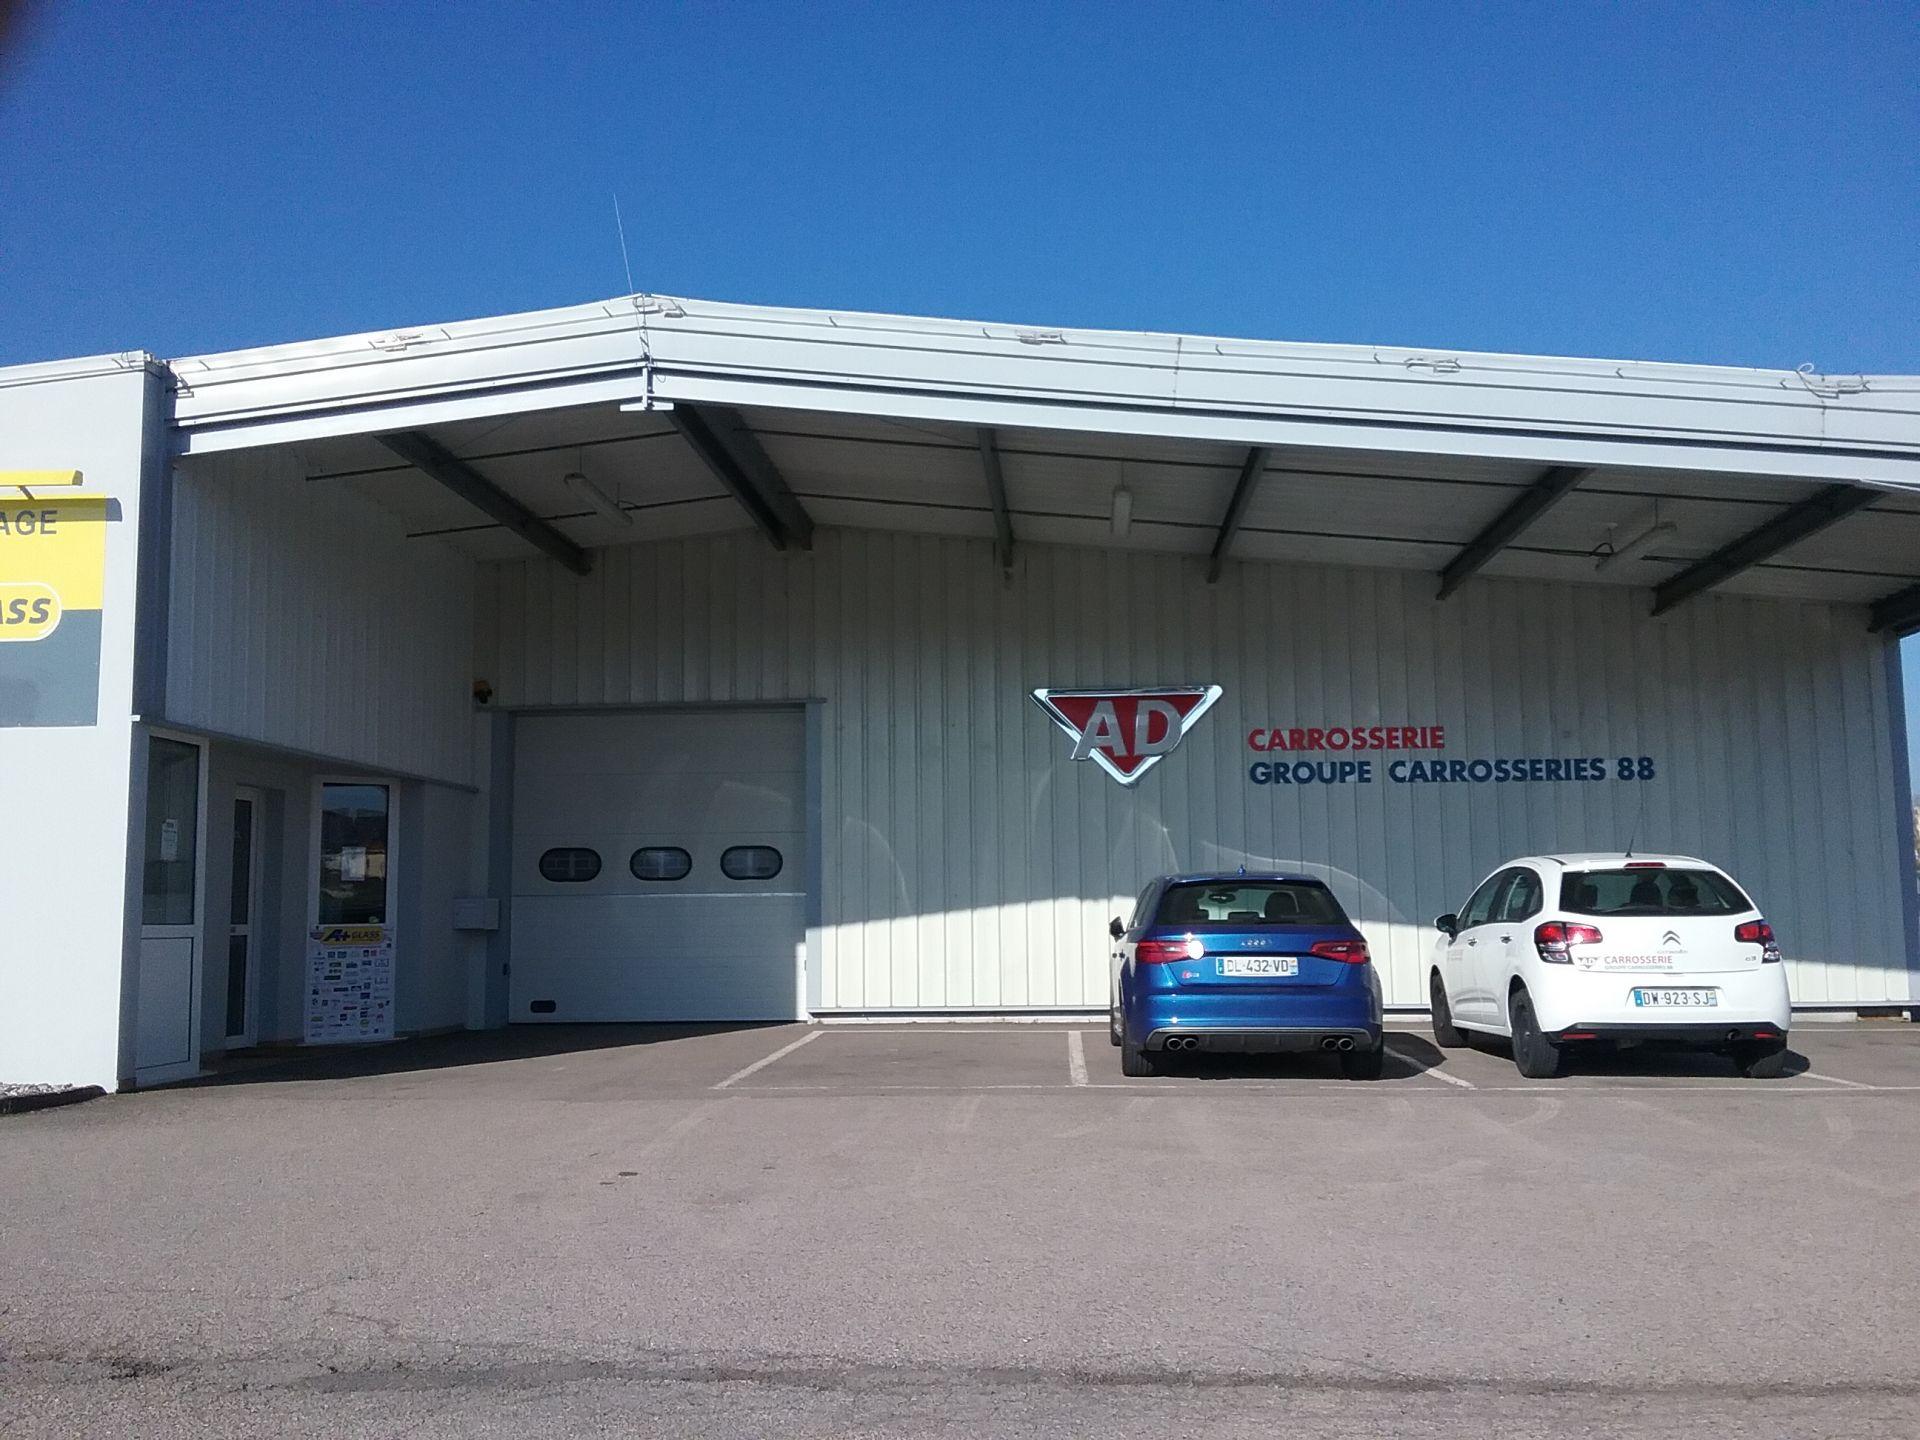 garage ad carosserie remy lorraine tourisme